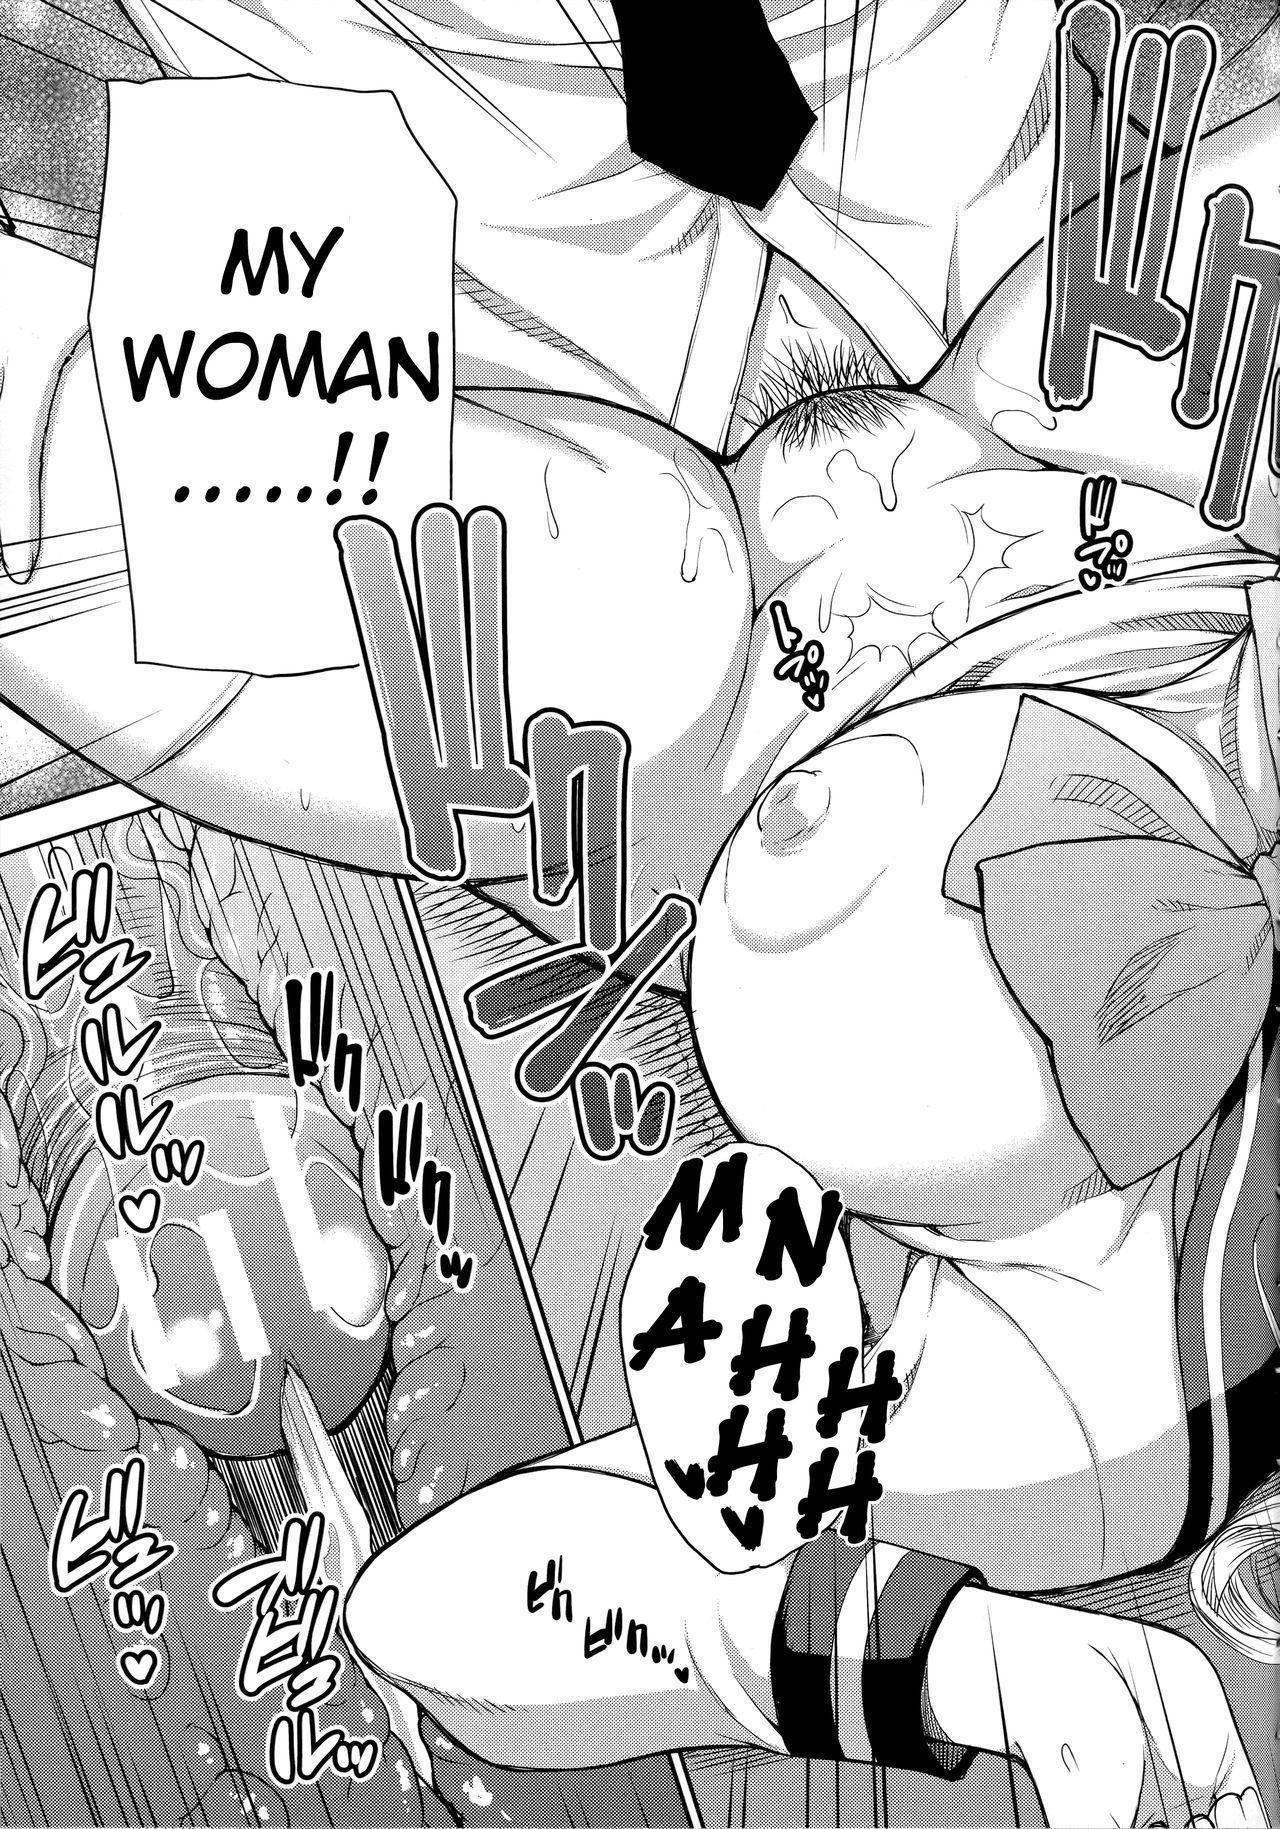 [Shunjou Shuusuke] Onegai, Sukoshi Yasumasete... ~Karada Torokeru Sex no Ato ni~ Ch. 2, 4 [English] [Raknnkarscans] 73